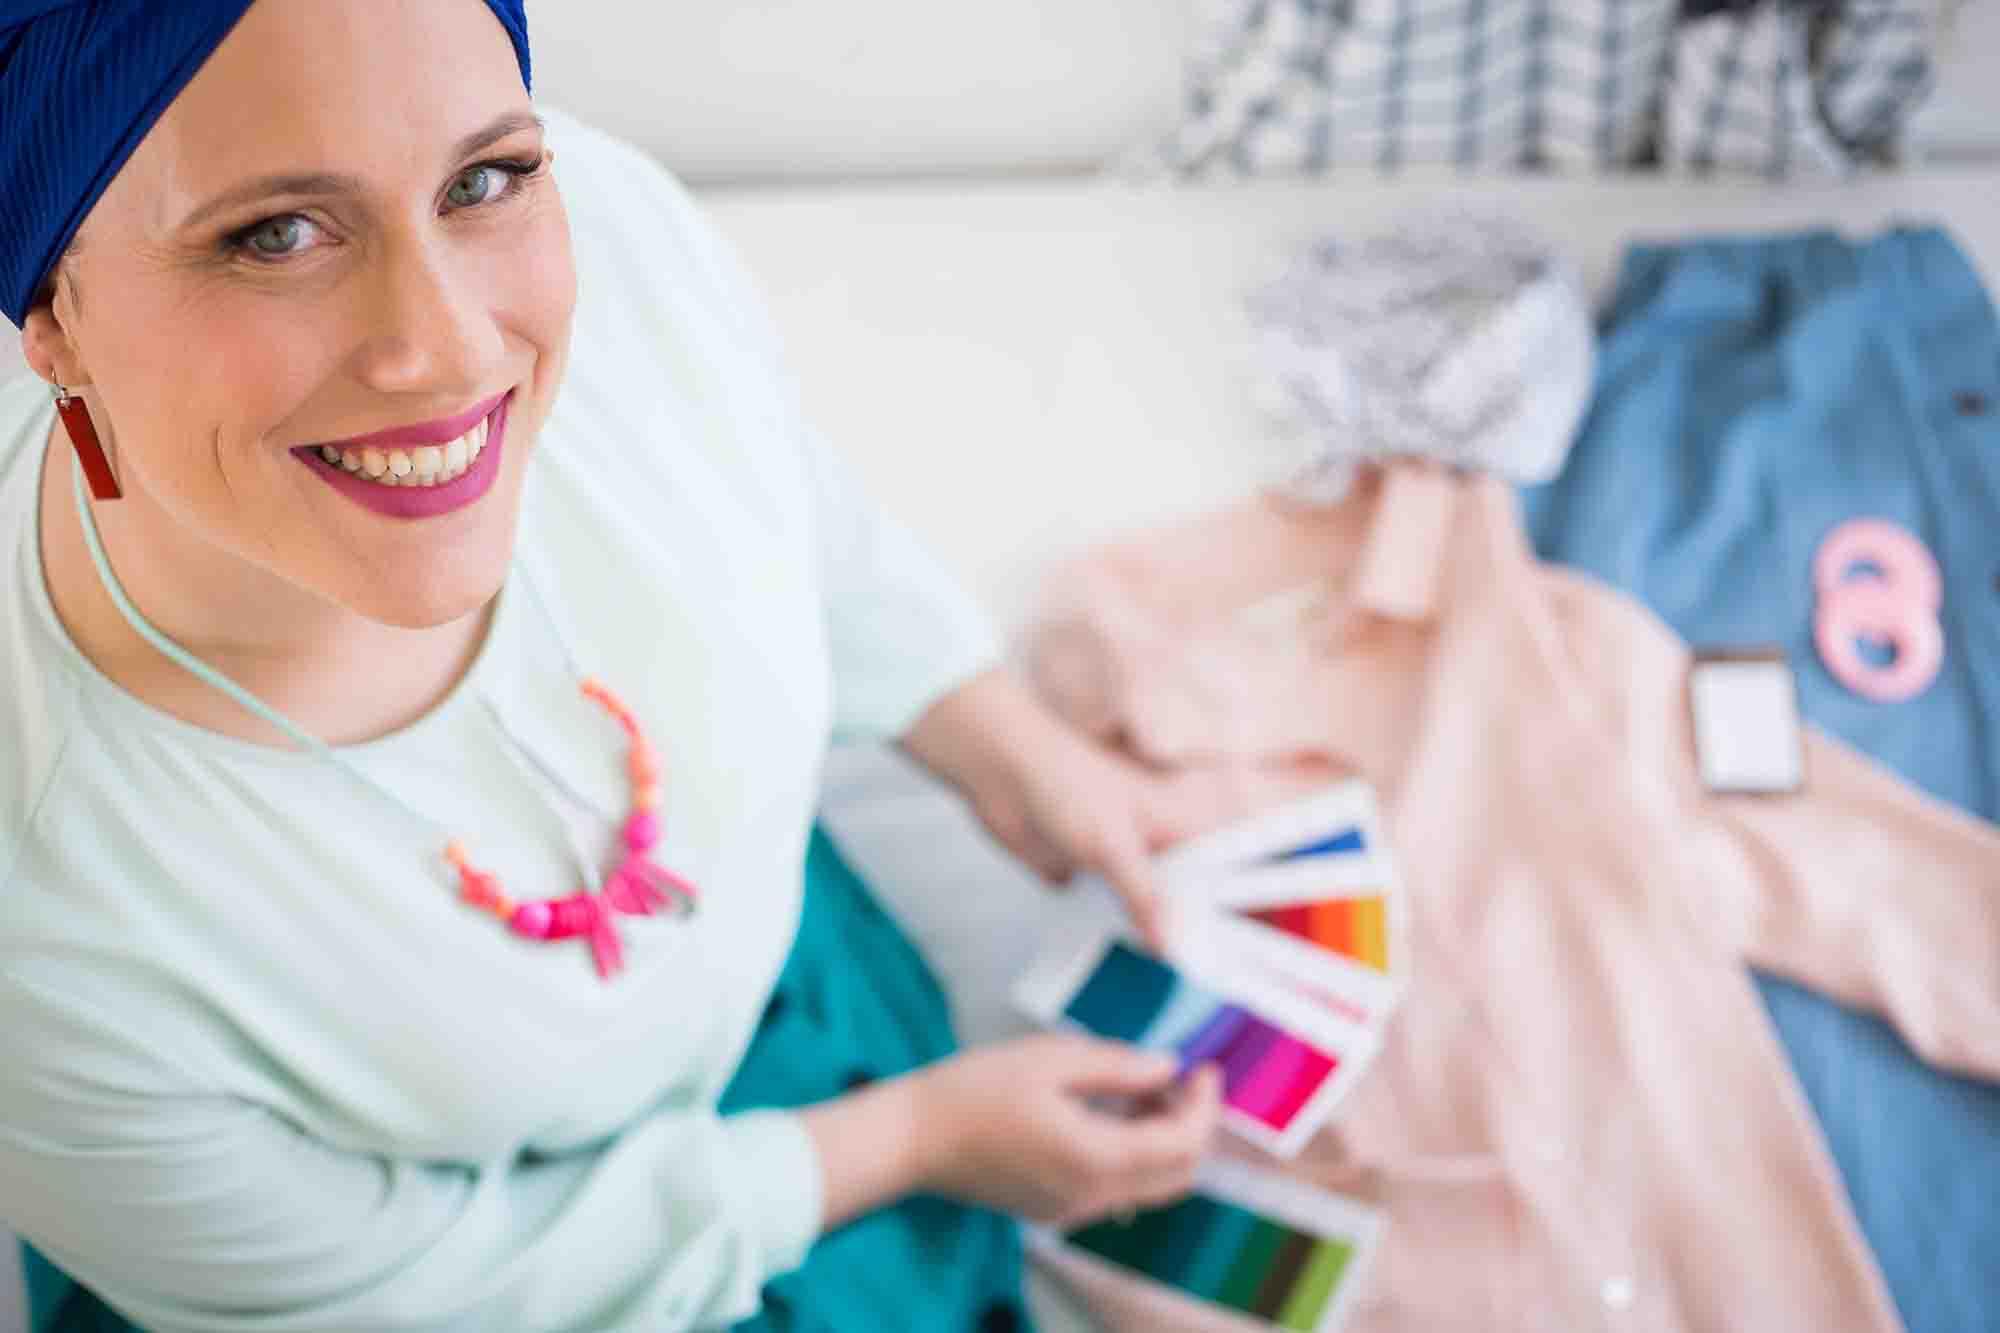 לאה לאוקשטיין -2 - Fashion Israel - 2020 חדשות אופנה 2020, כתבות אופנה 2020, טרנדים 2020, מגזין אופנה ישראלי, אופנה -